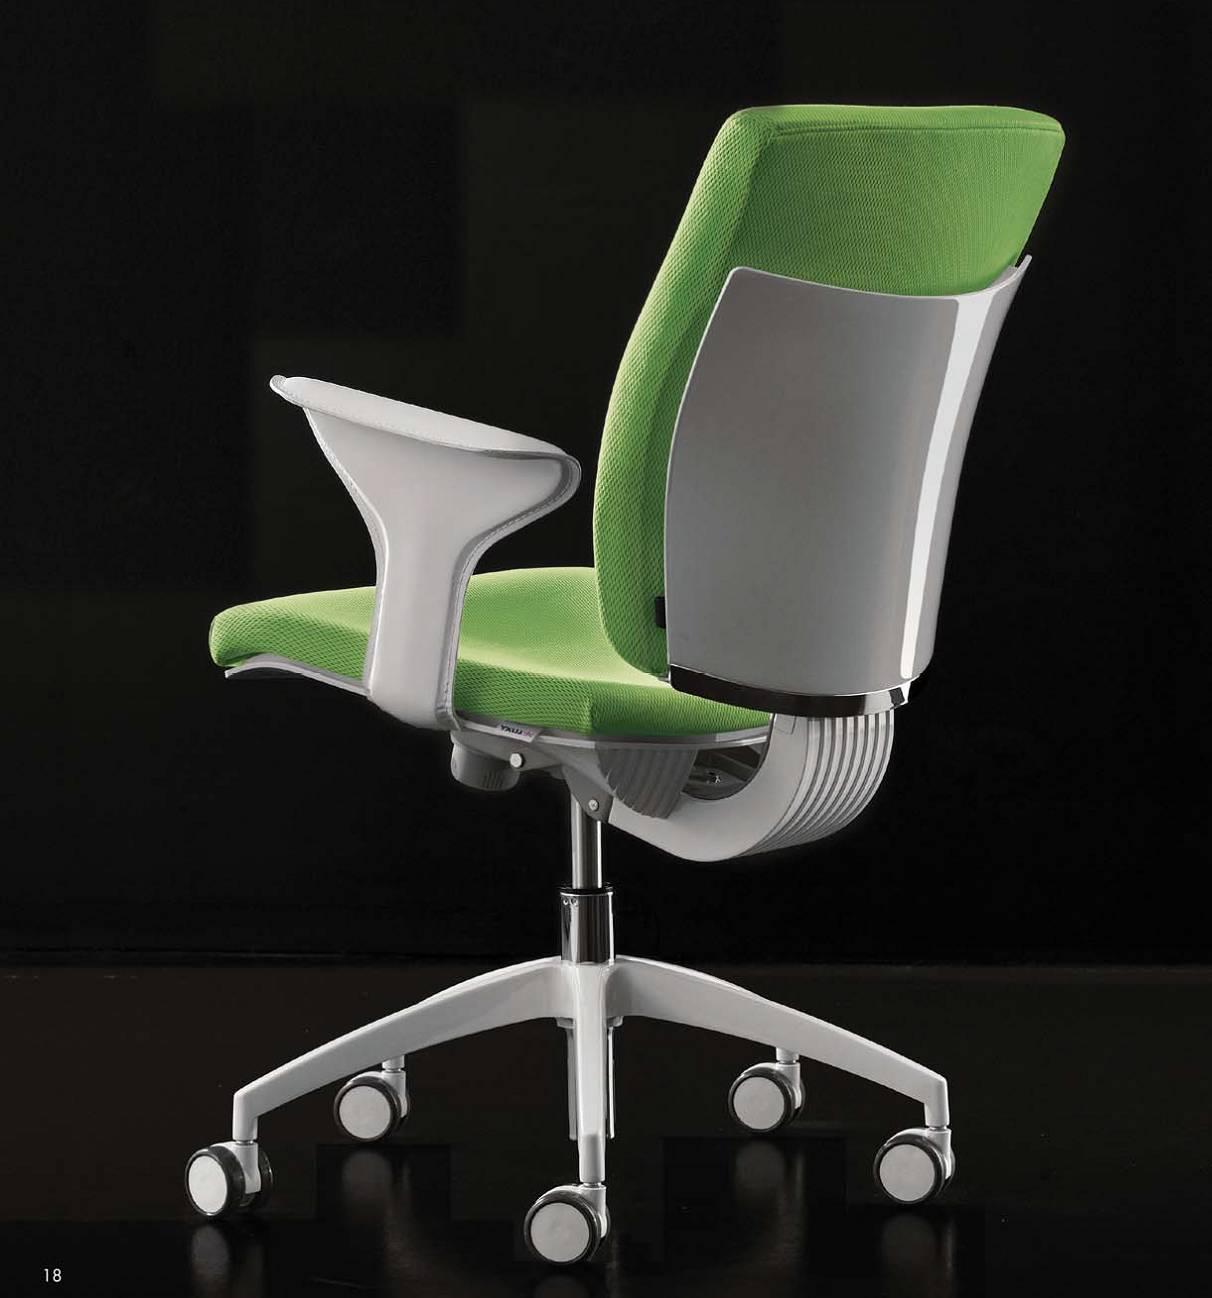 seduta_operativa_ufficio_ergonomica_struttura_bianca_seduta_verde_pixel_luxy